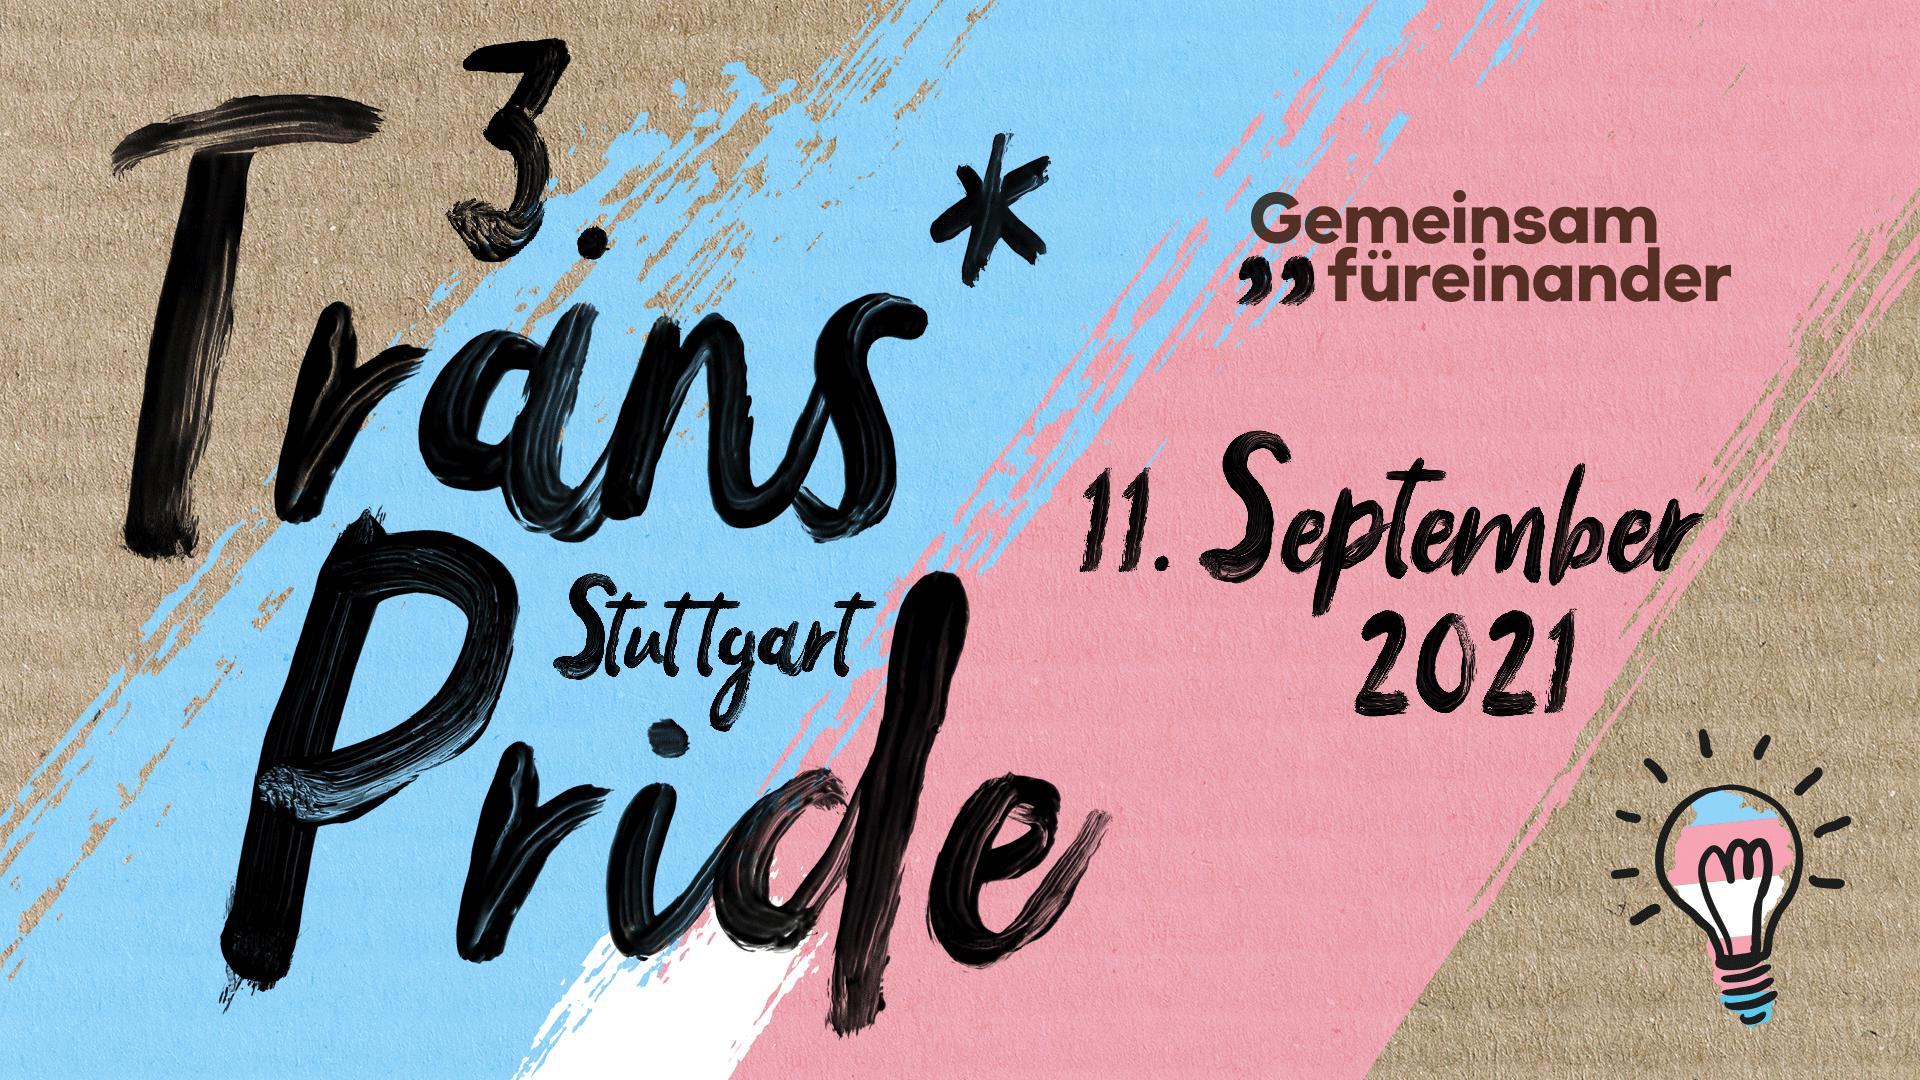 3. Trans* Pride Stuttgart